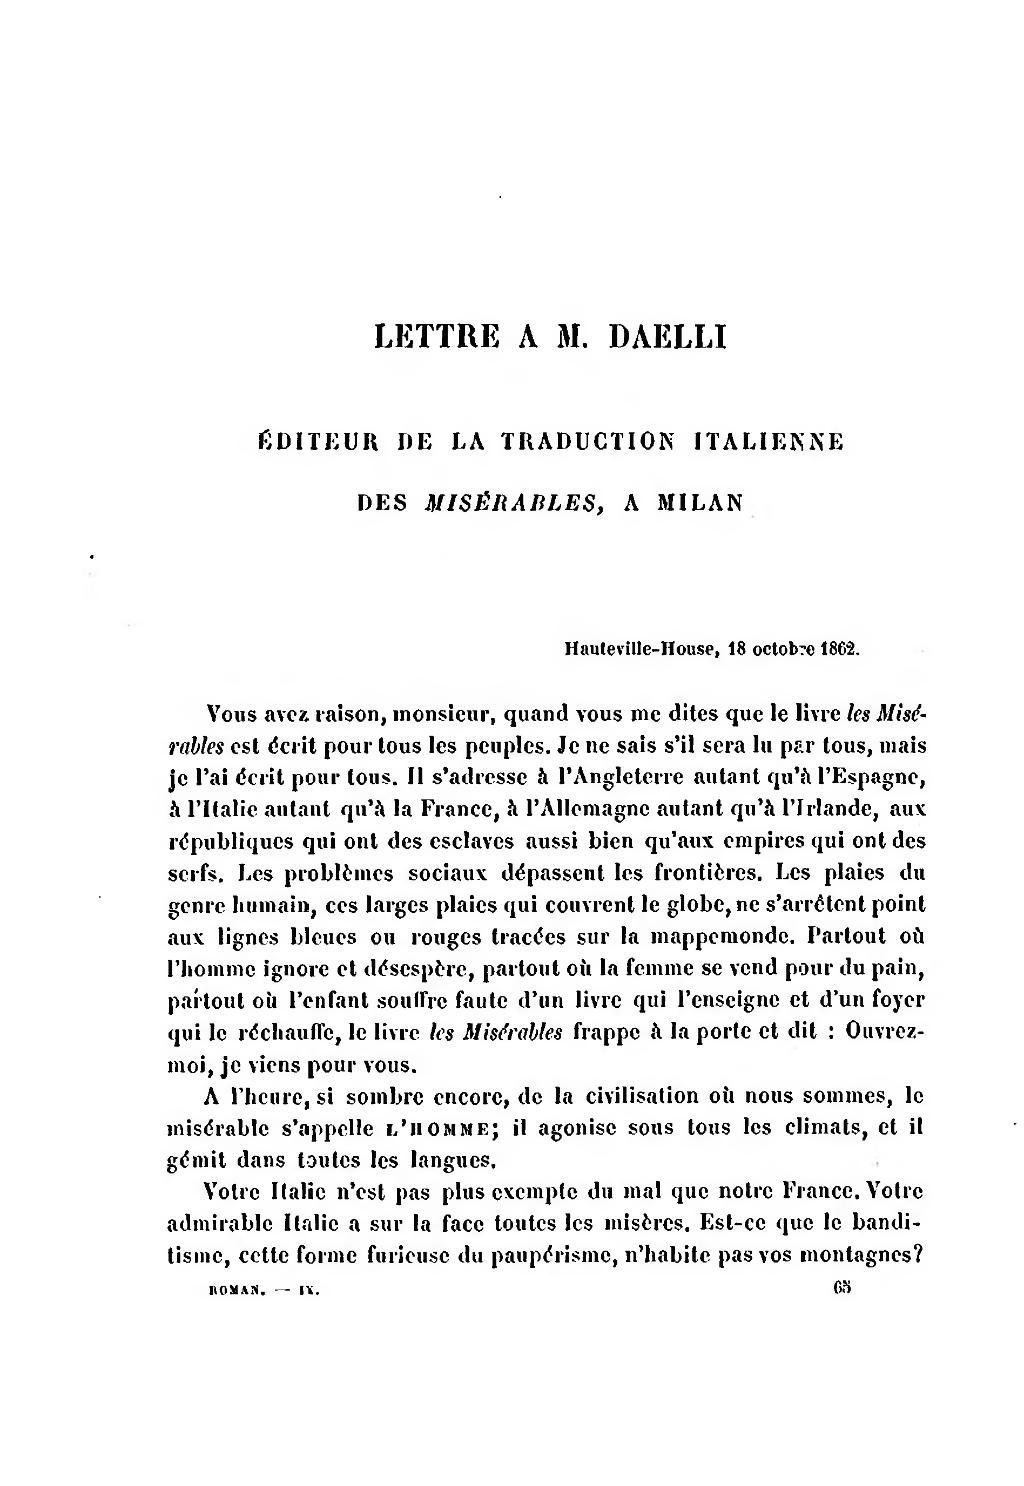 Lettre à M. Daelli, éditeur de la traduction italienne des Misérables, à Milan